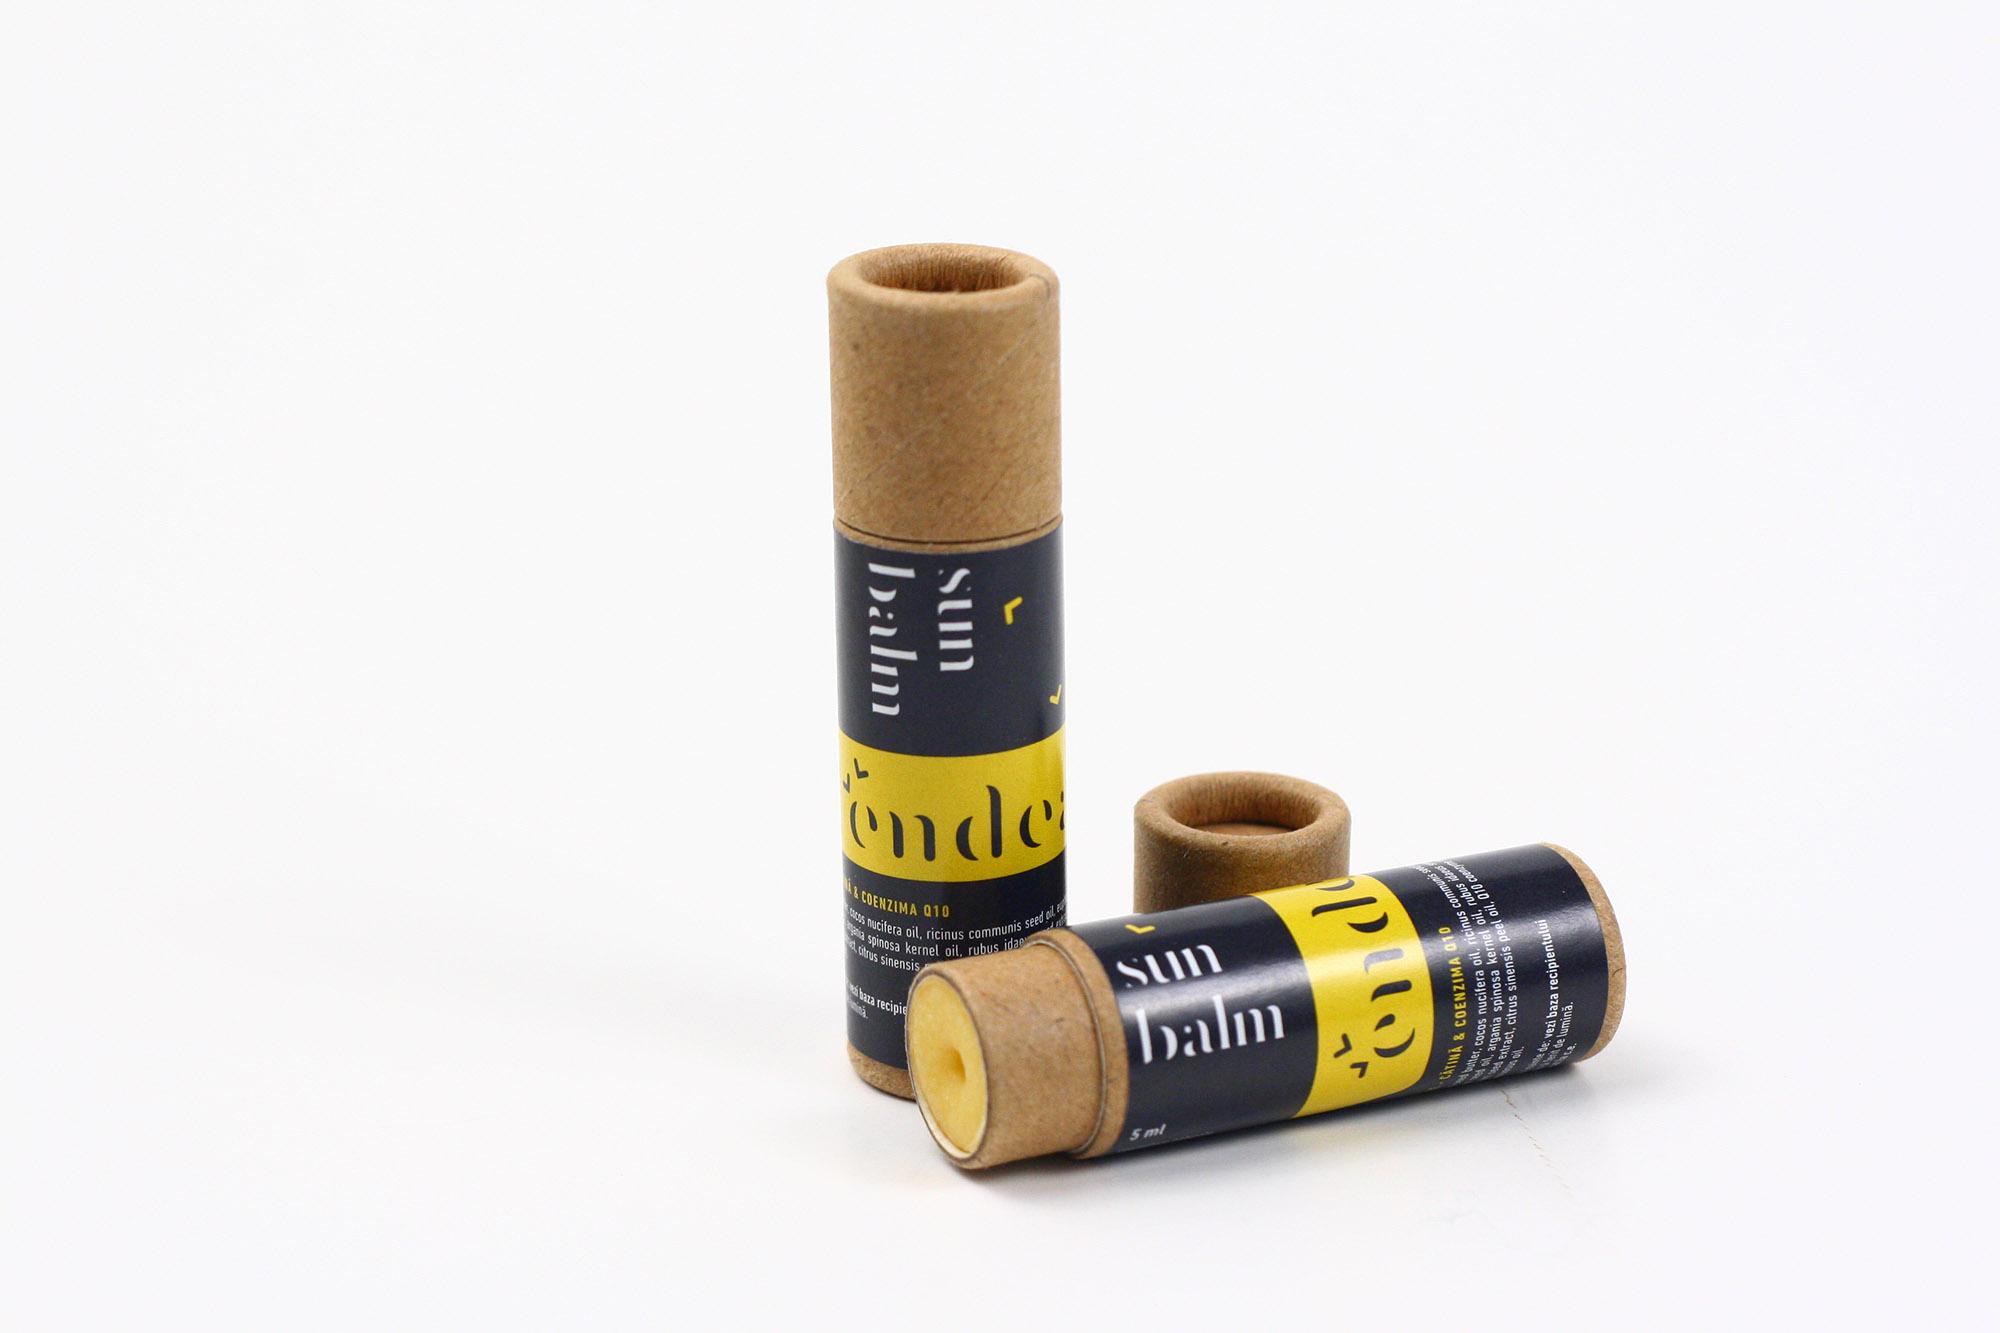 Balsam de buze cu protecţie solară - Sun Balm - 15ml | Endea - Tested on friends